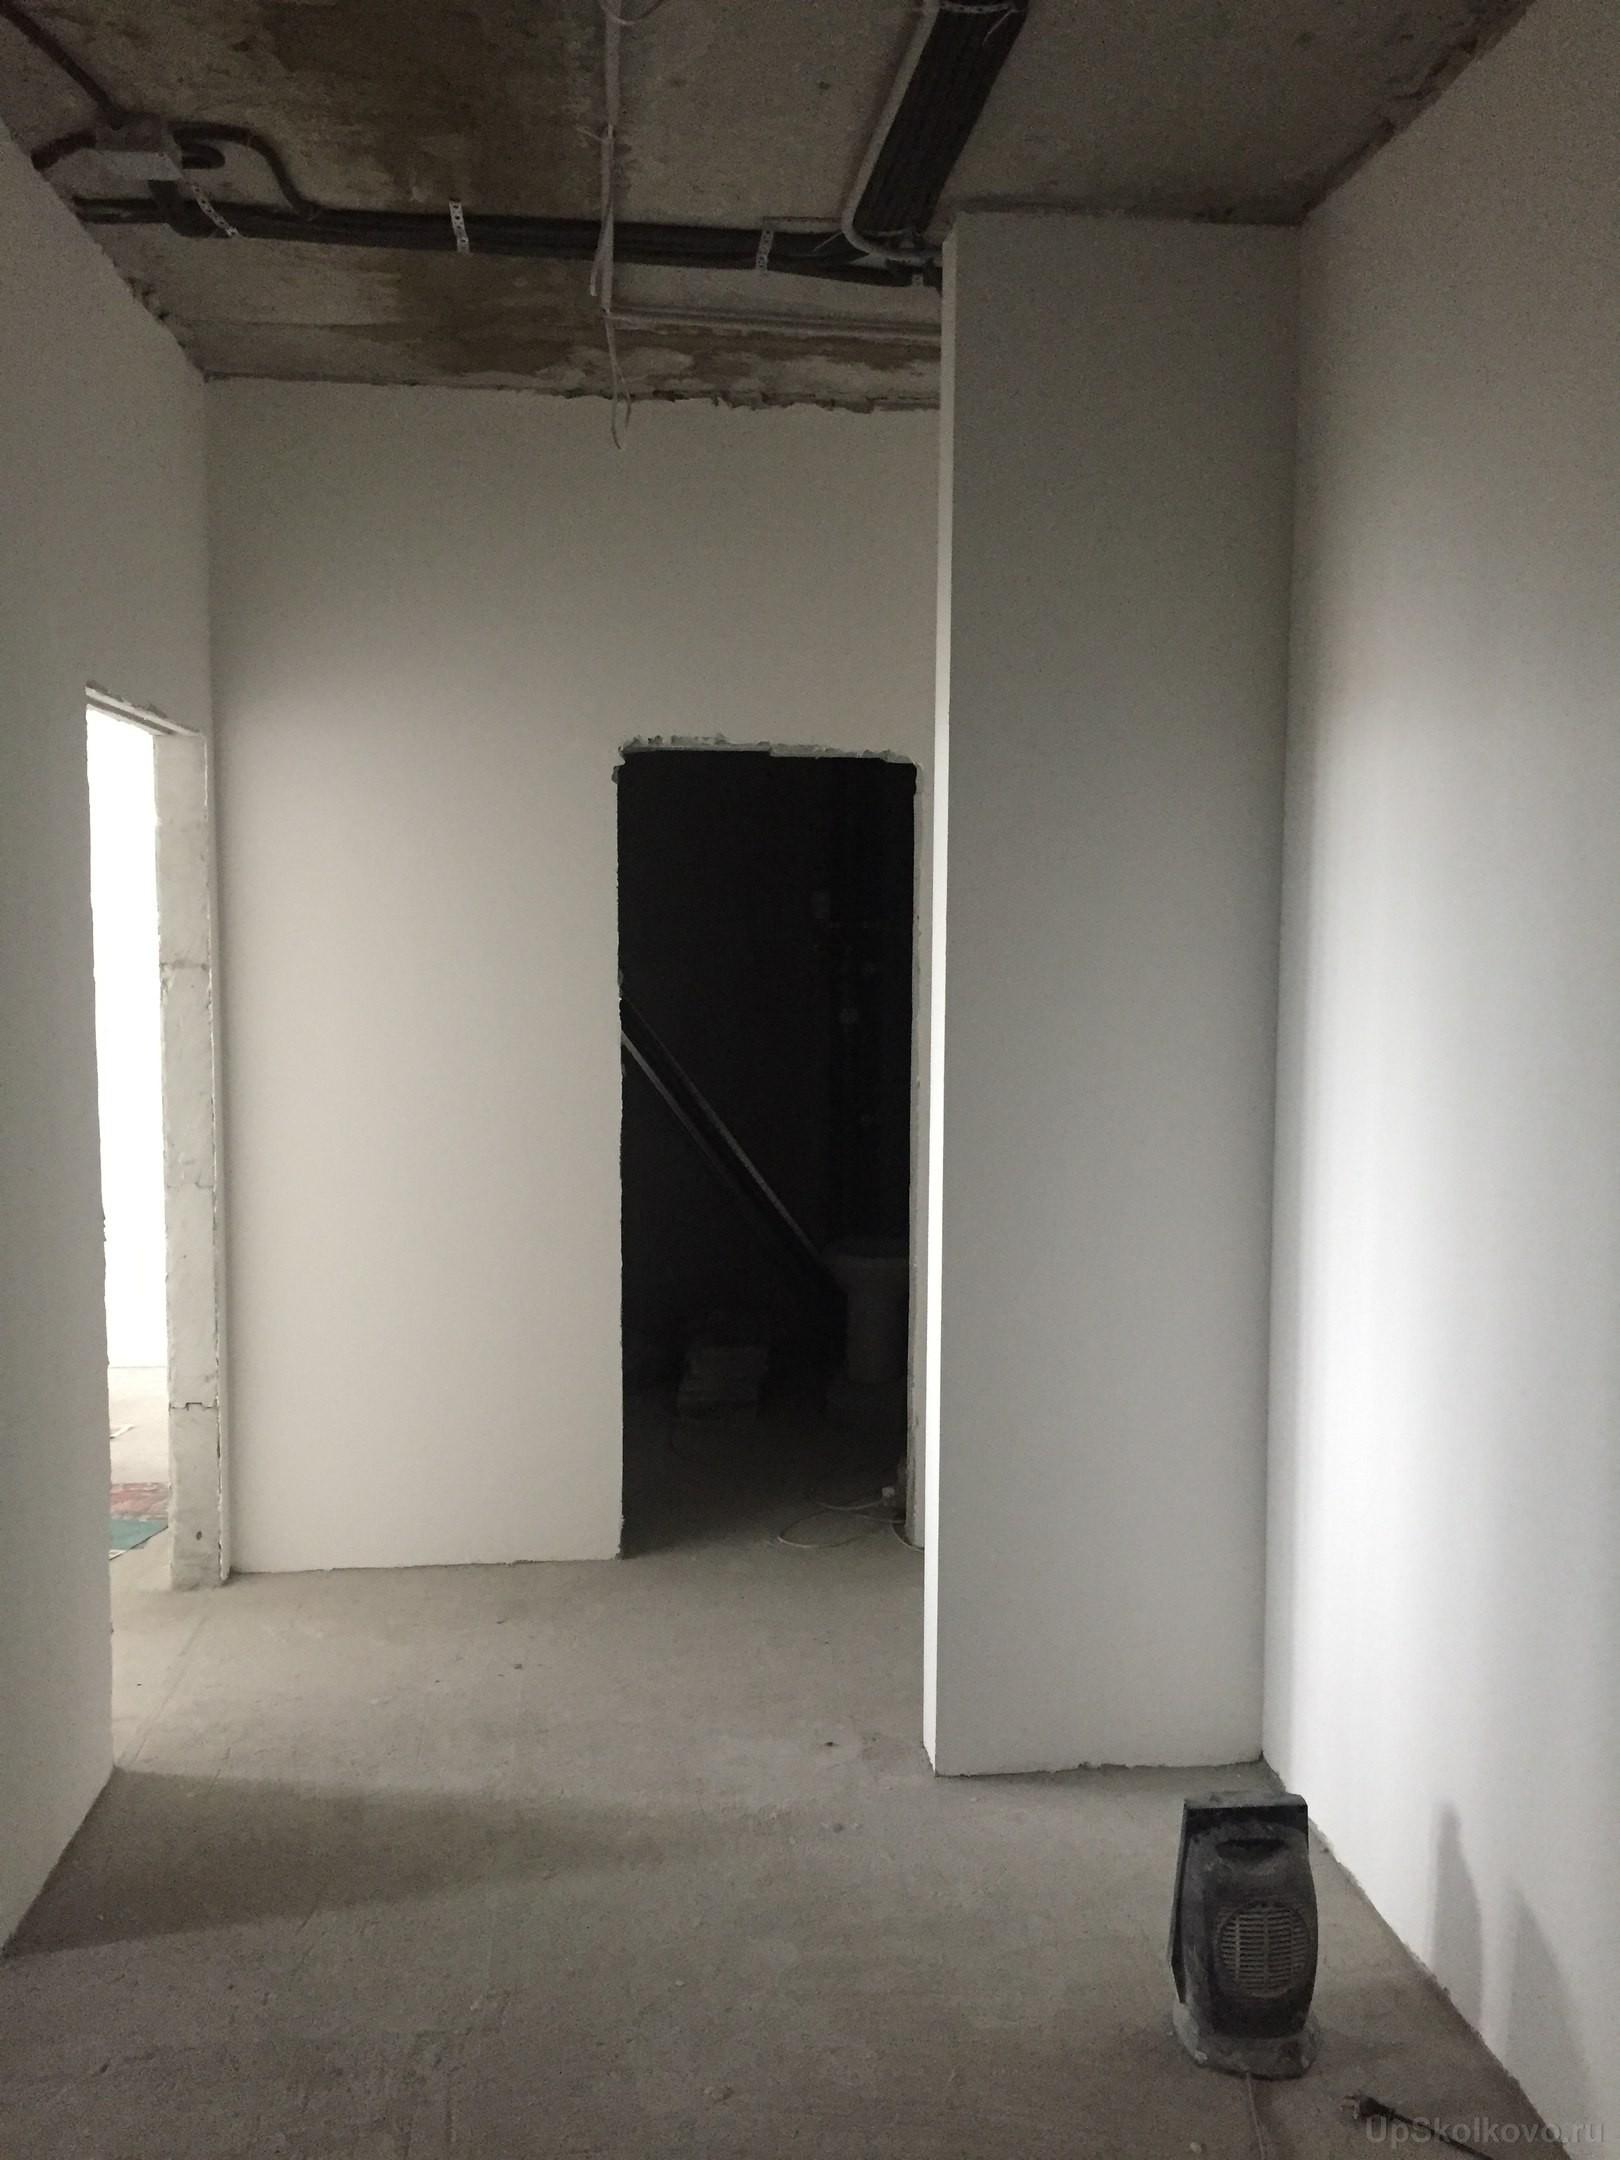 Перепланировка квартиры- что можно, а что нельзя на 2018